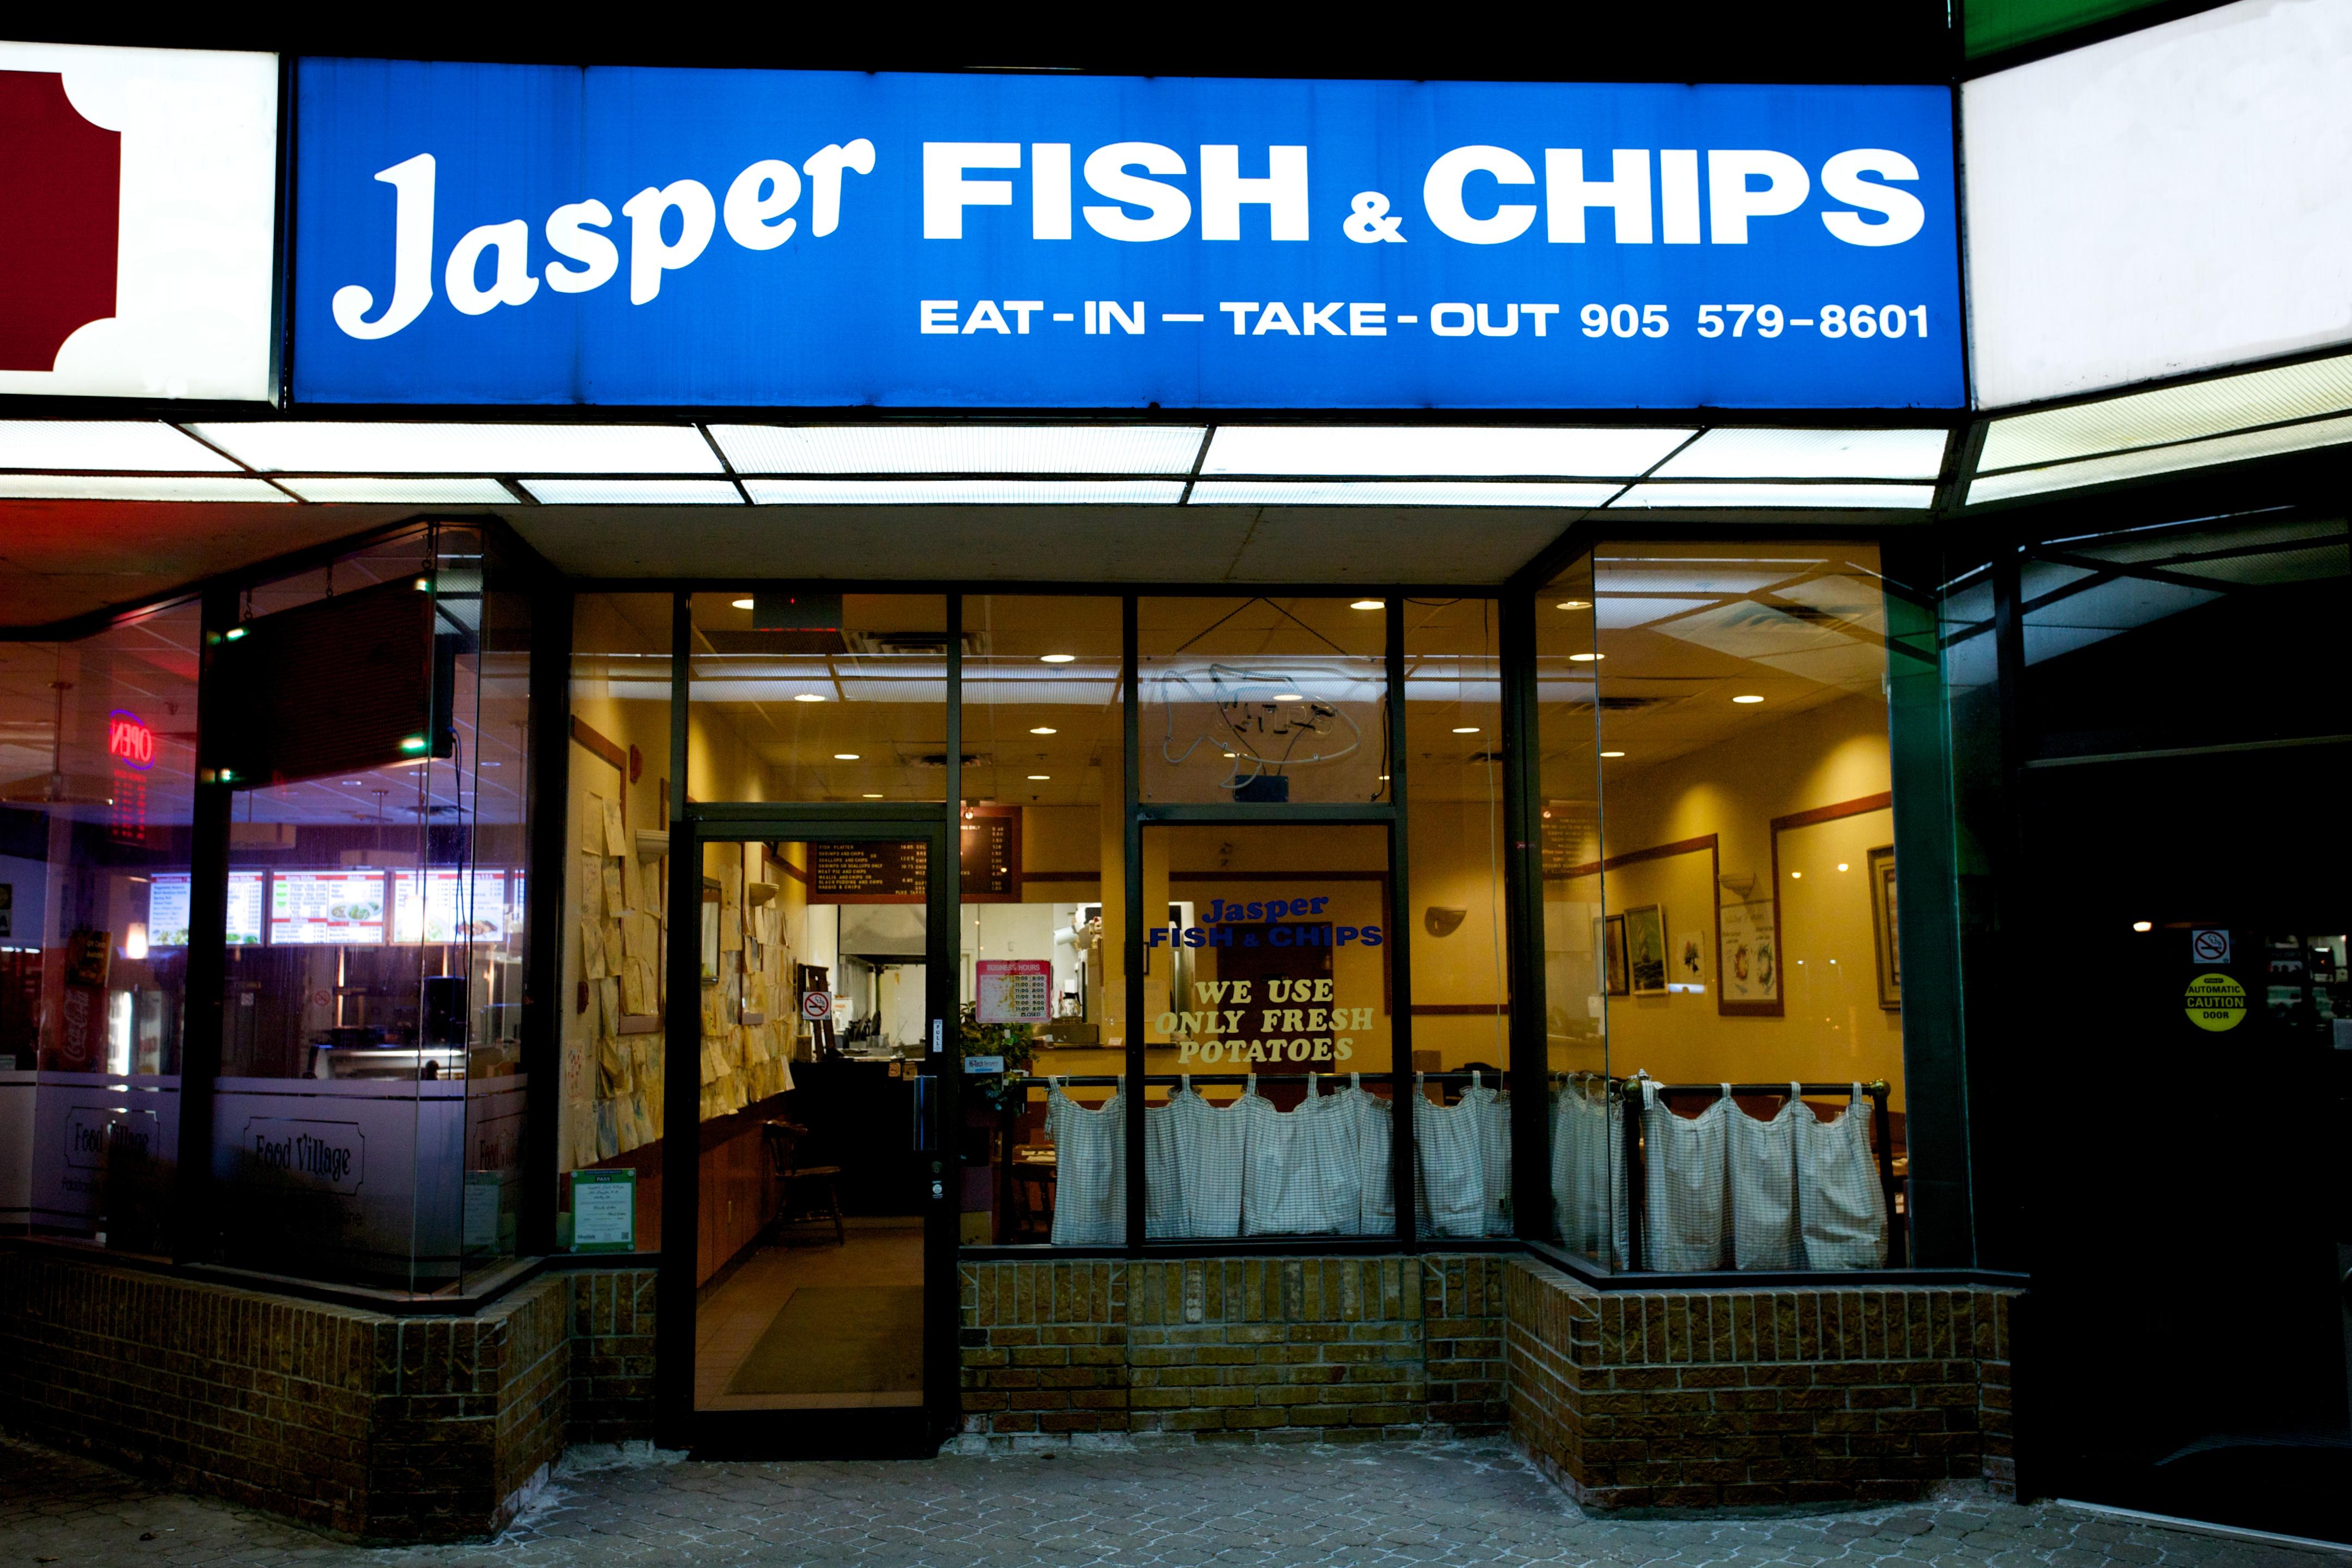 White apron menu oshawa - Jasper Fish Chips Whitby